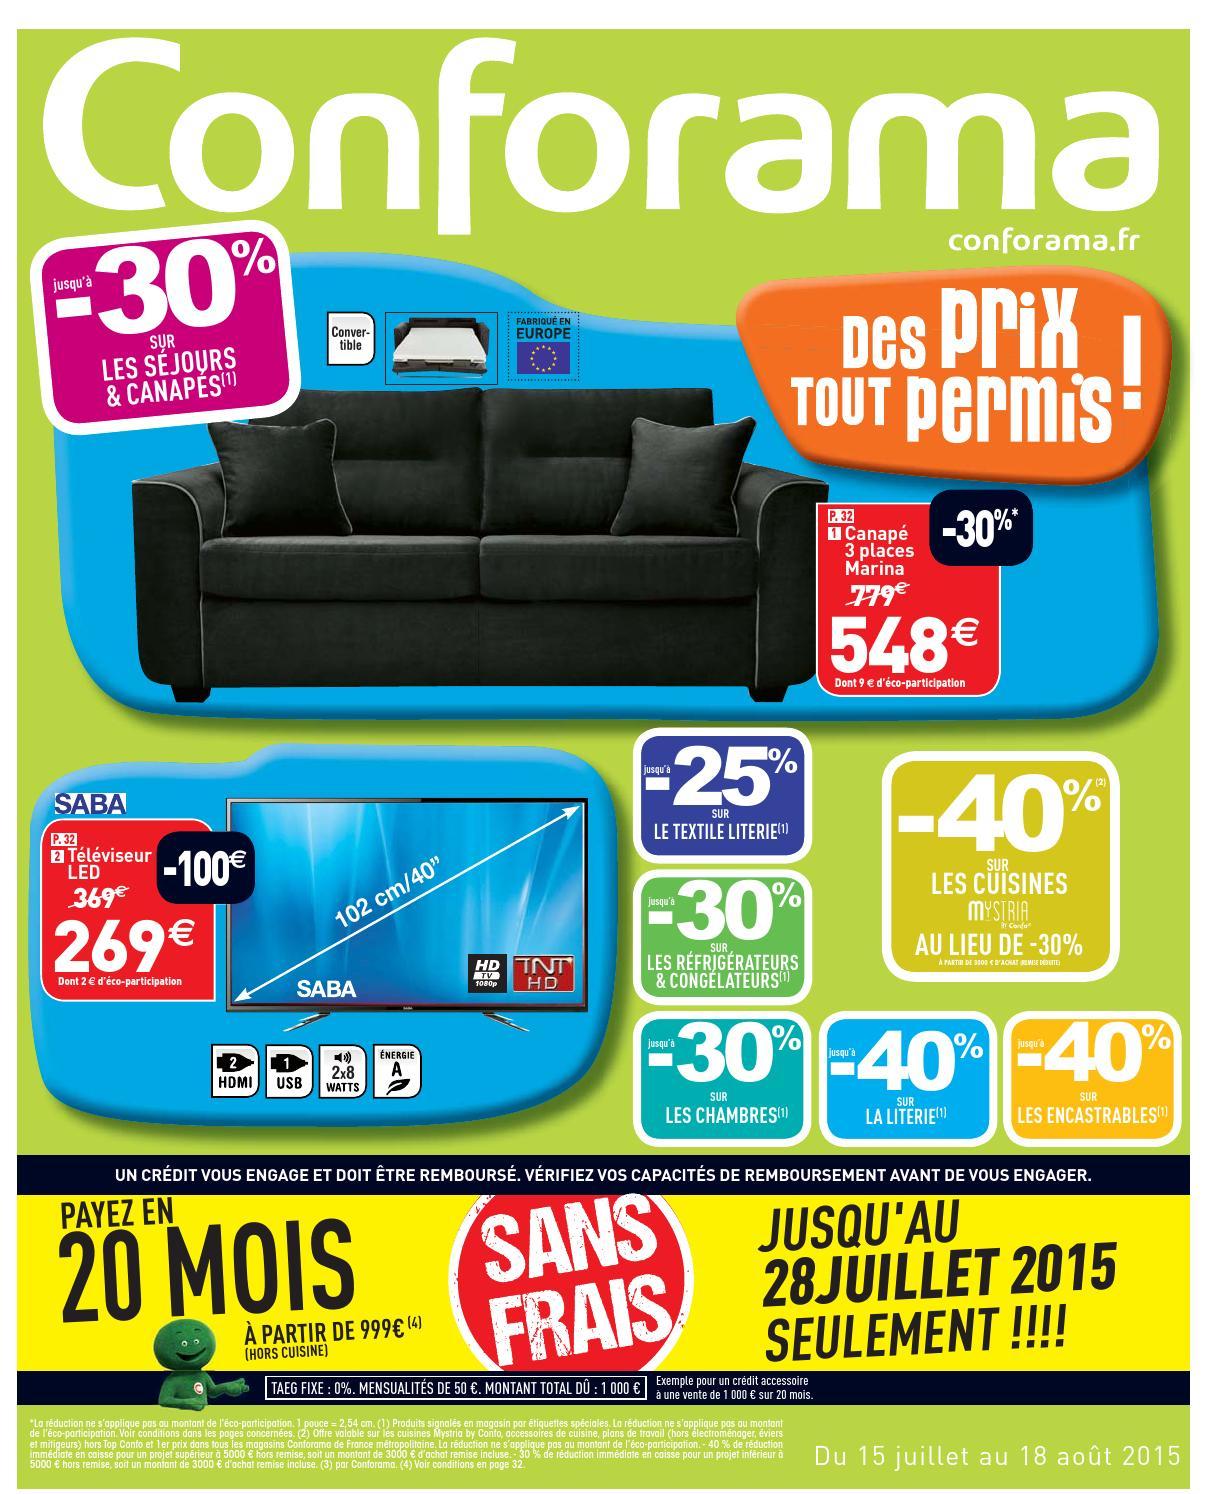 Conforama Catalogue 15Juillet 18Aout2015 By Promocatalogues ... pour Canapé Chelsea Conforama